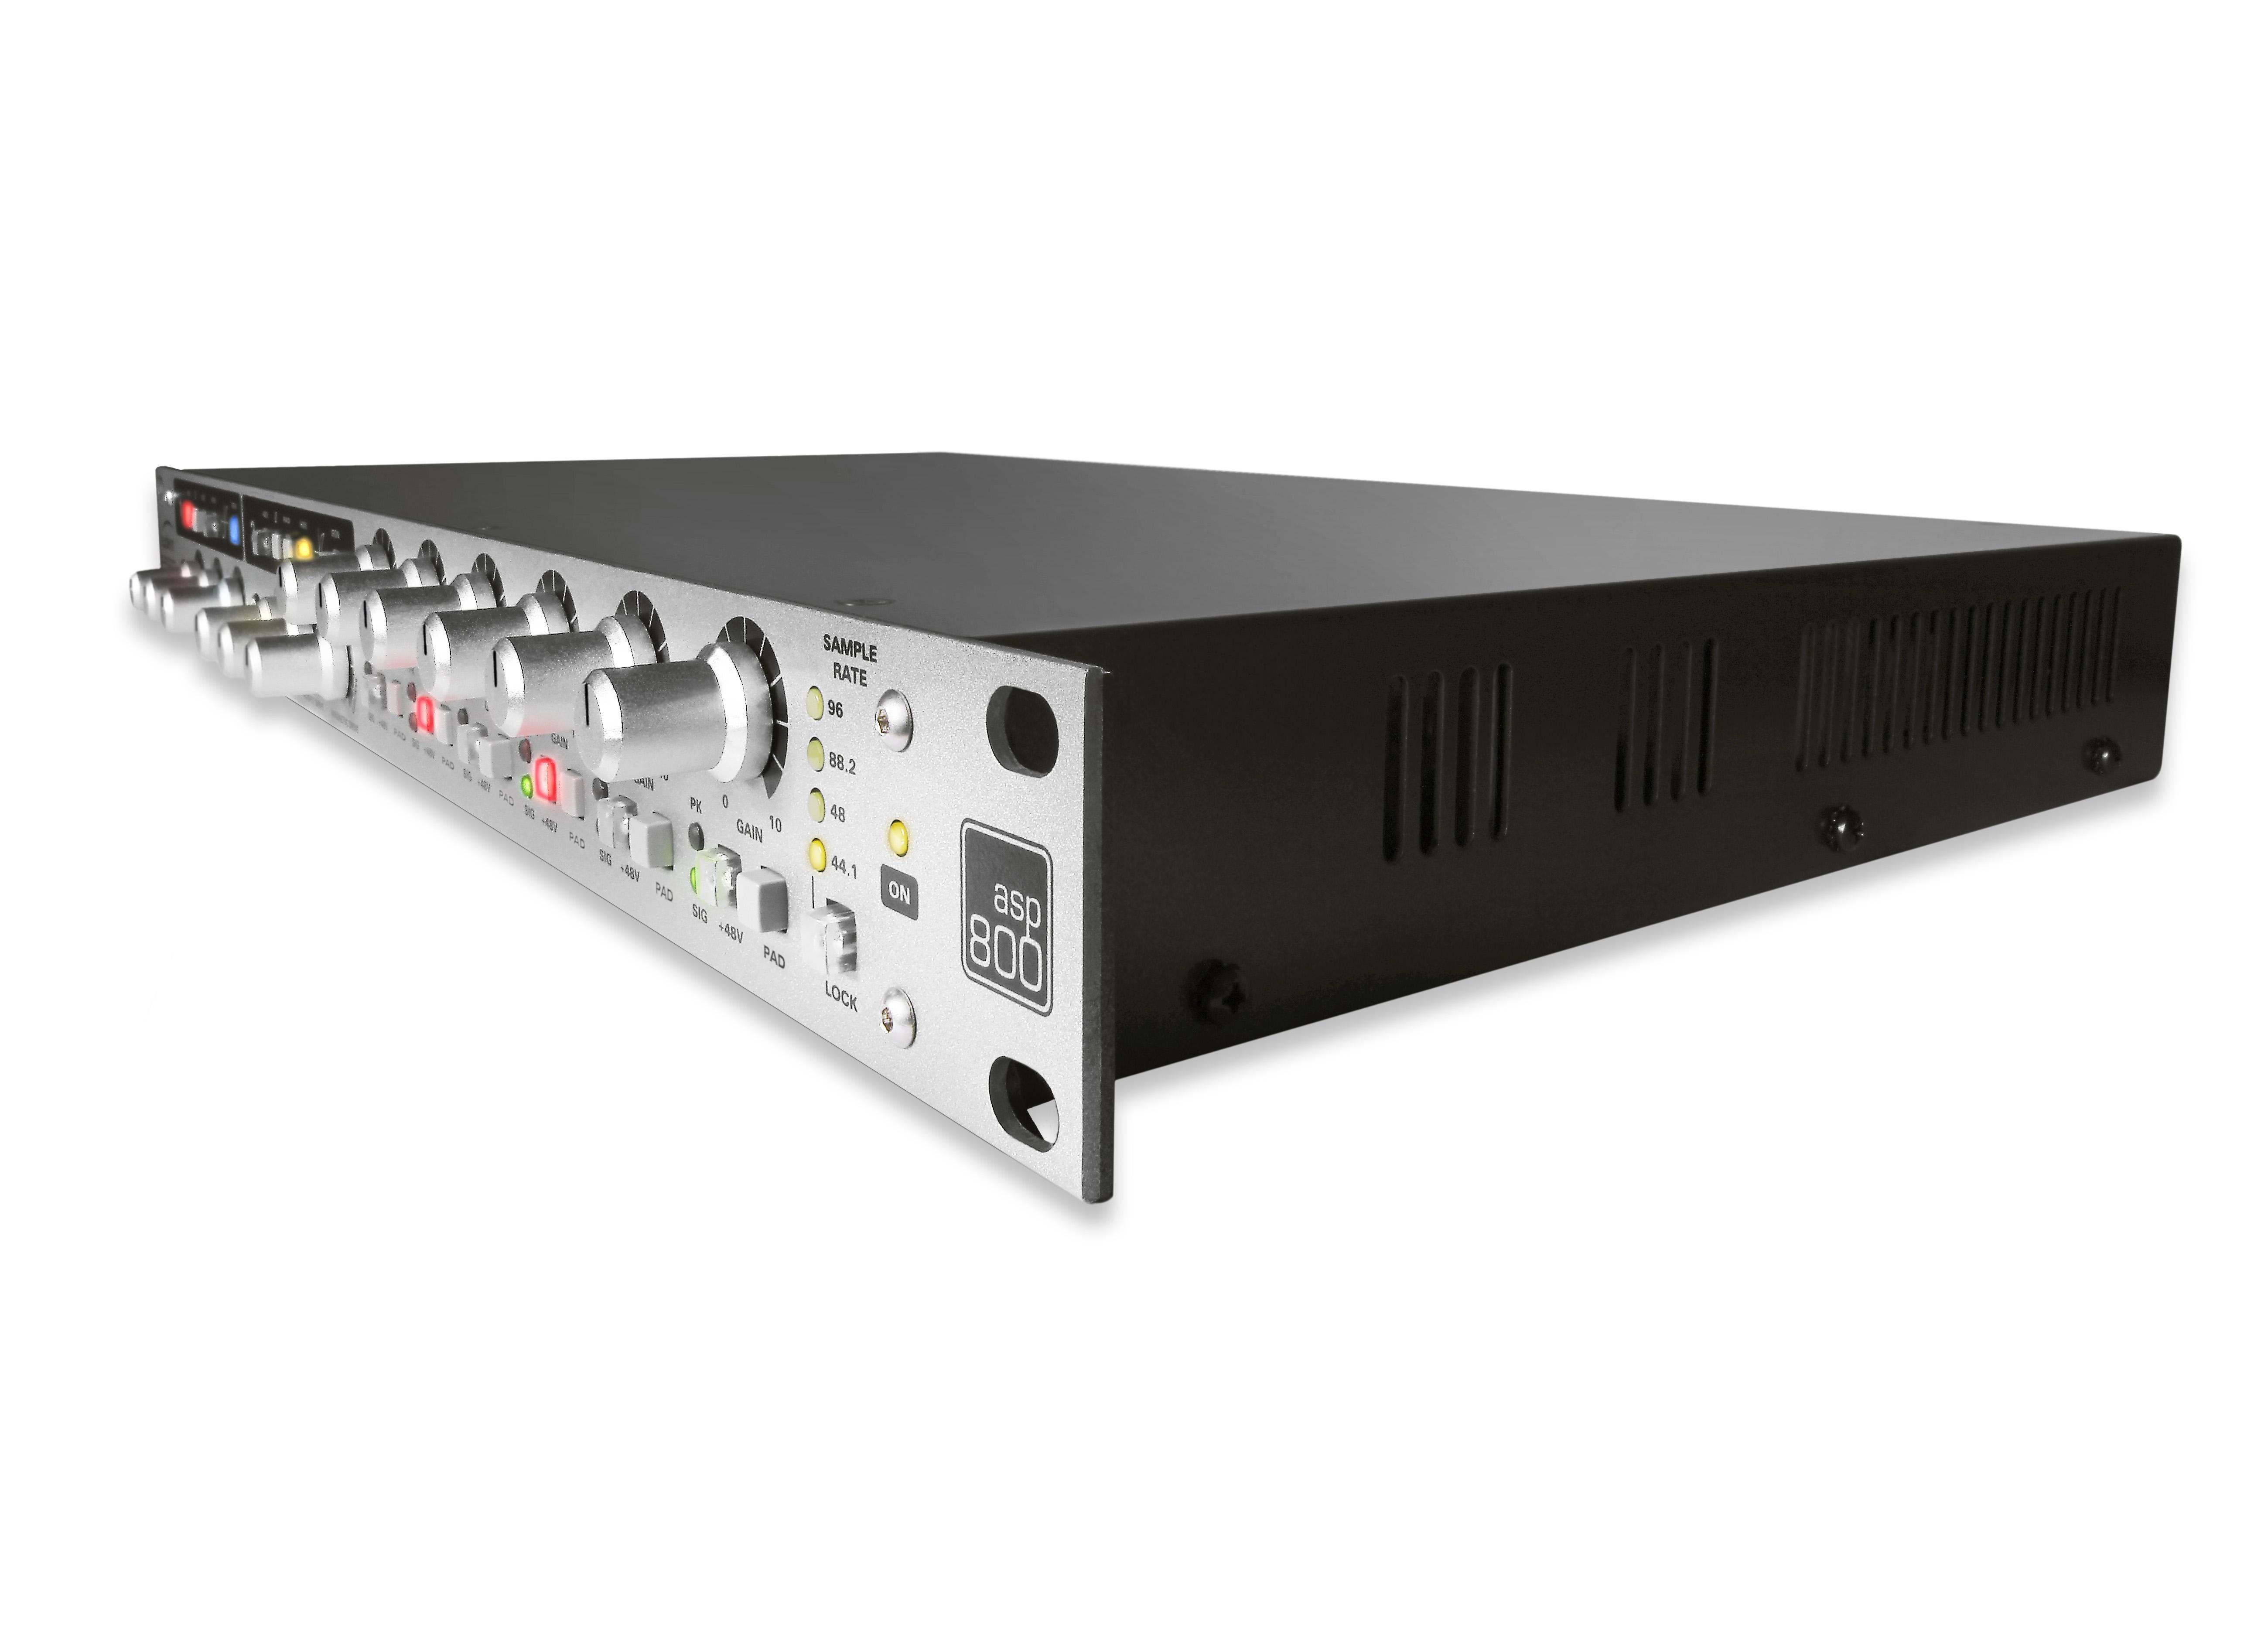 发布八通道话筒前置放大器兼模拟数字转换器